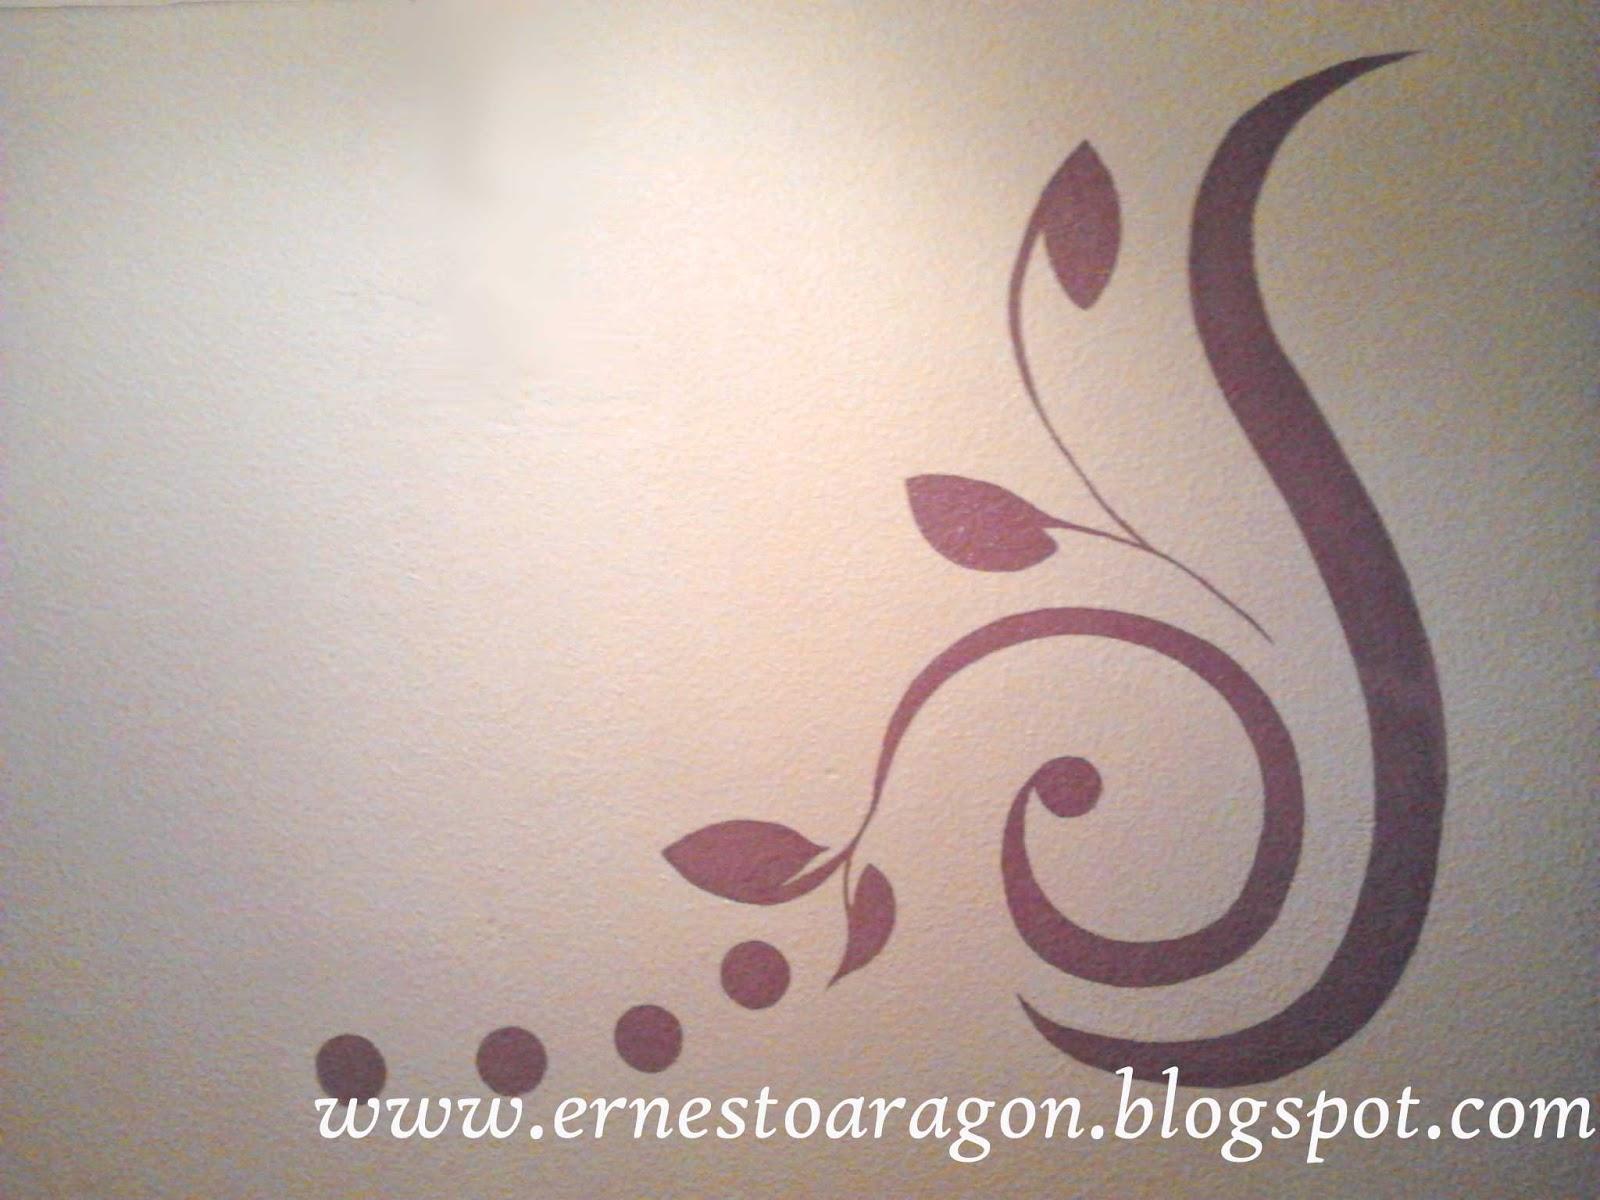 Ernesto arag n pintura para el hogar un vinilo a mano - Plantillas de decoracion ...